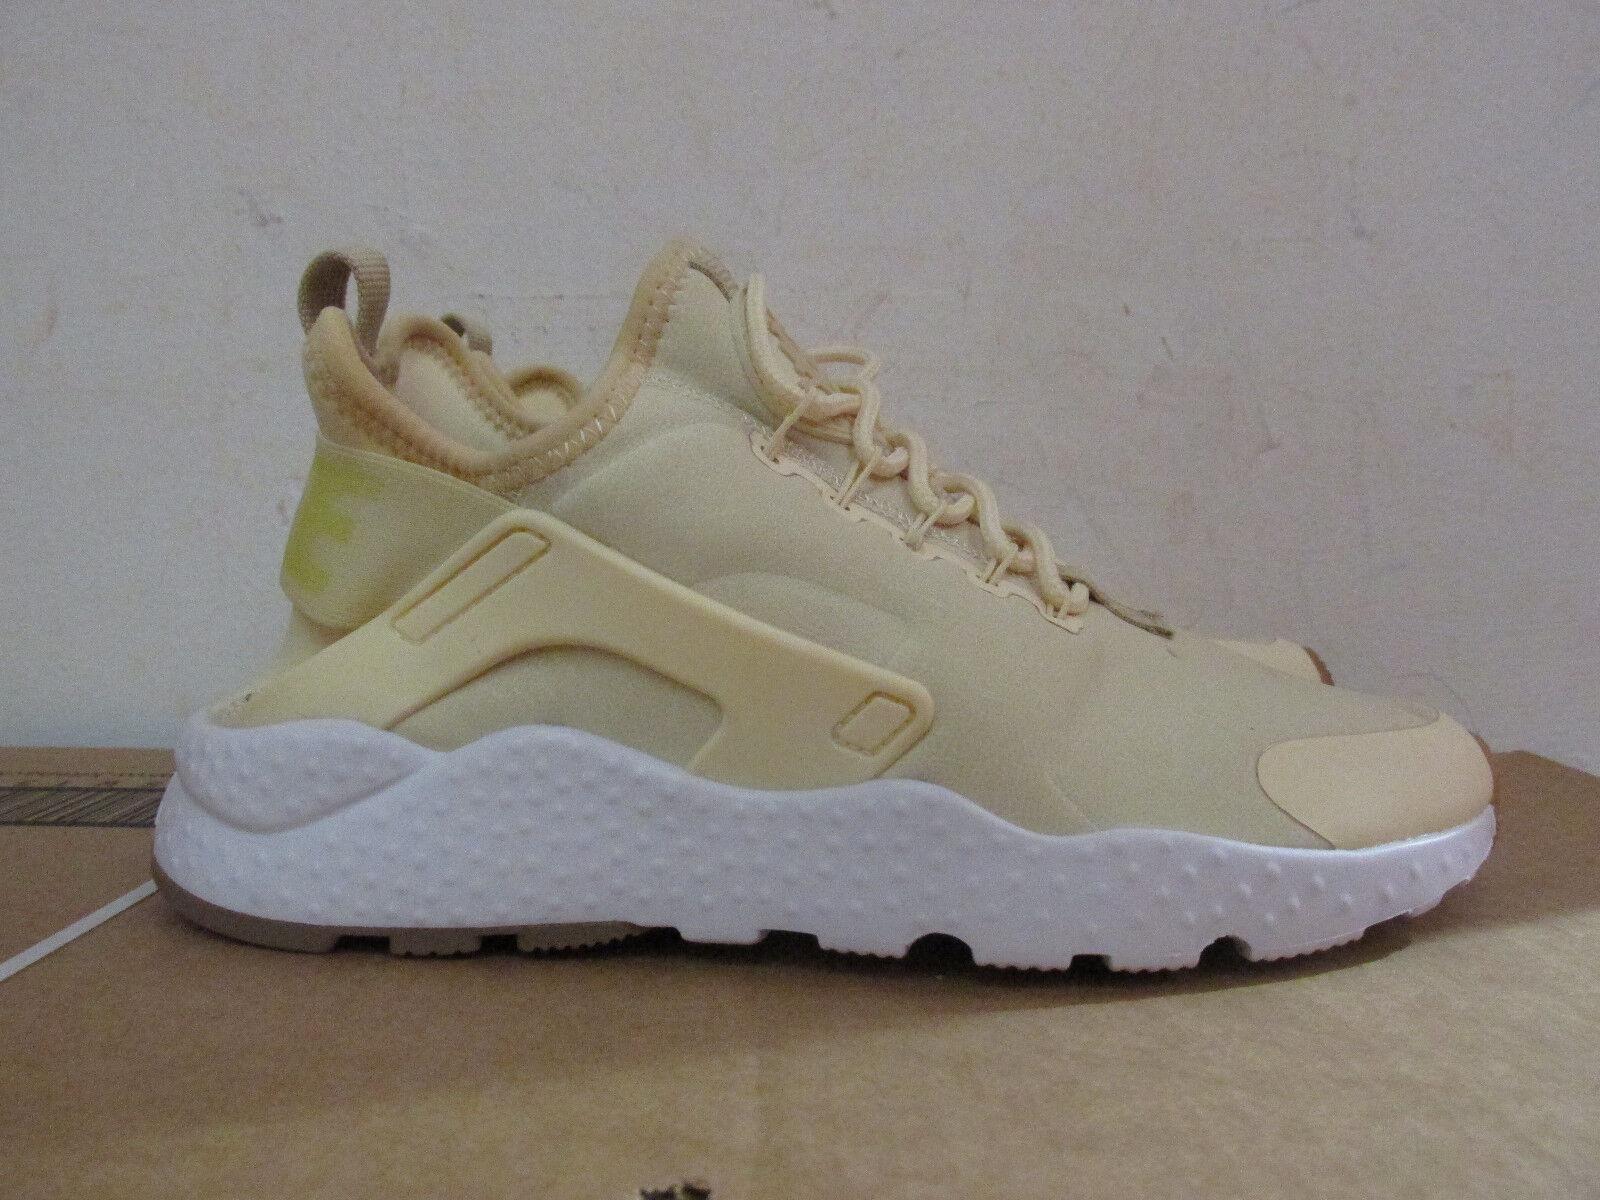 Nike air huarache ultra - 101 frauen 859511 101 - ausbilder turnschuhe schuhen probe 4d62f1